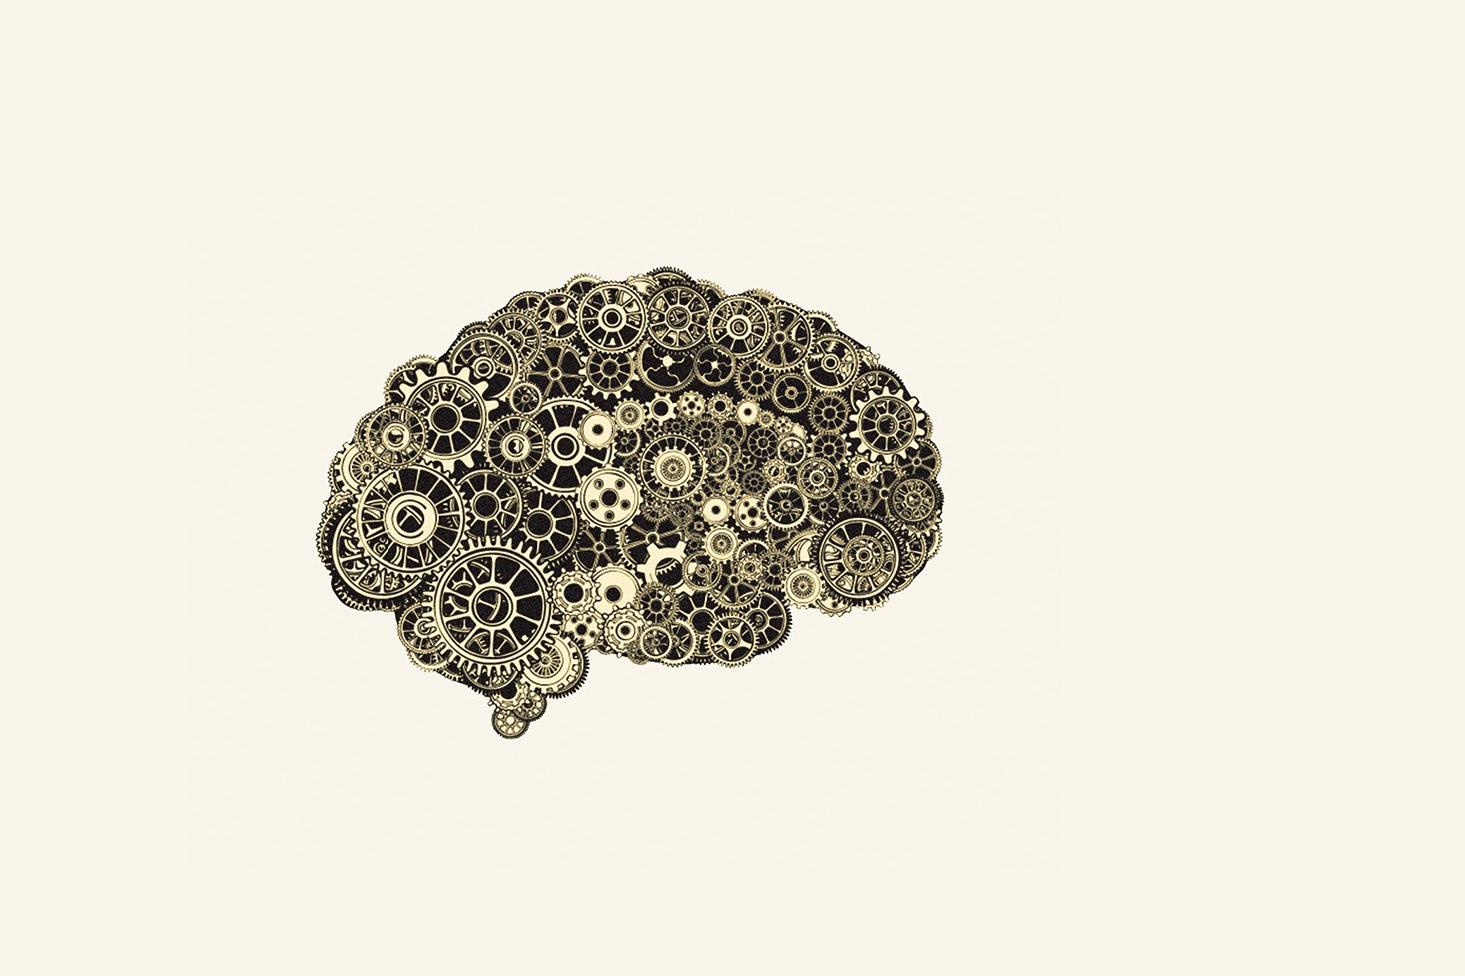 «زندگی پنهان ذهن» اثر ماریانو سیگمان